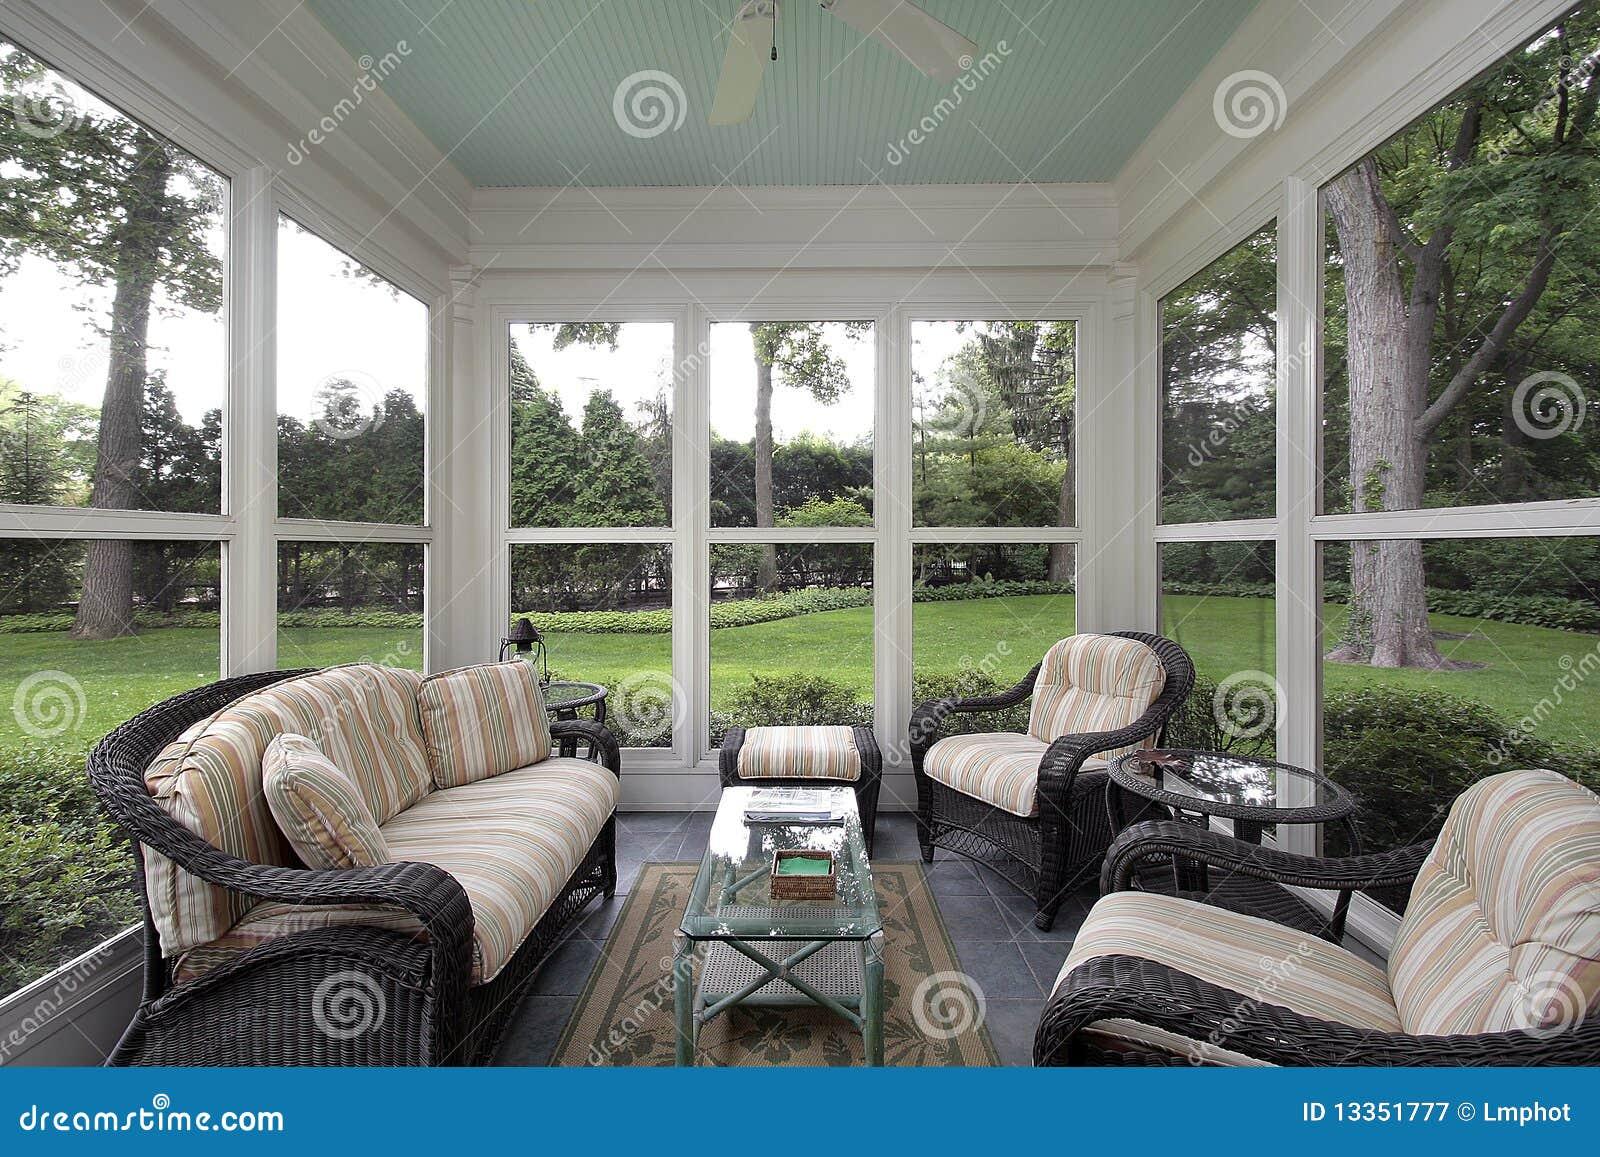 P rtico con muebles de mimbre fotograf a de archivo libre de regal as imagen 13351777 - Muebles portico ...